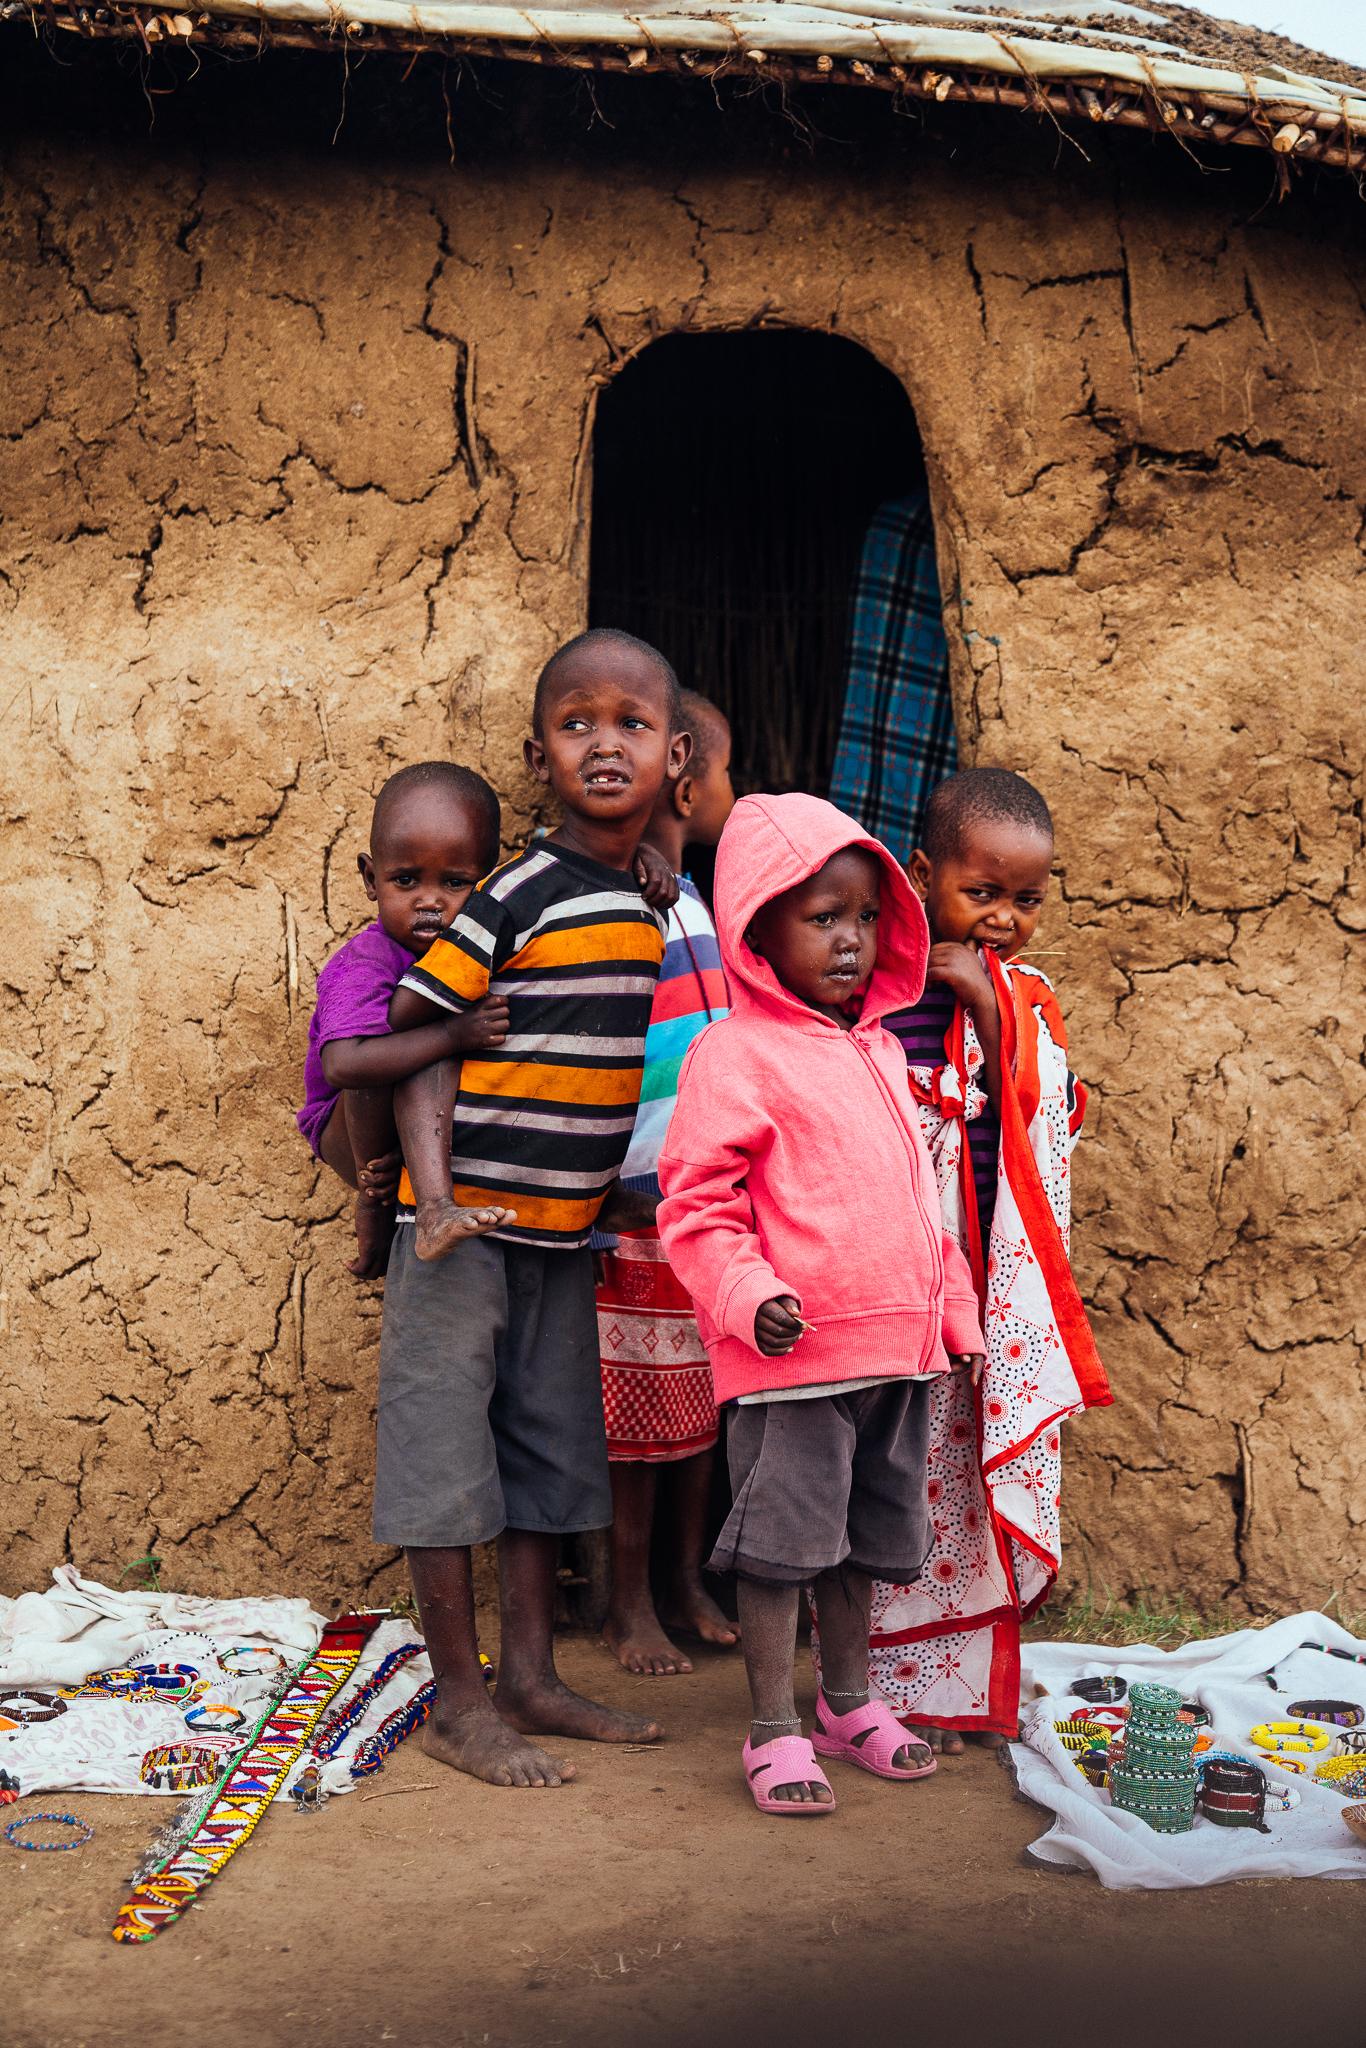 Maasai Village Visit Ph. Dave Krugman